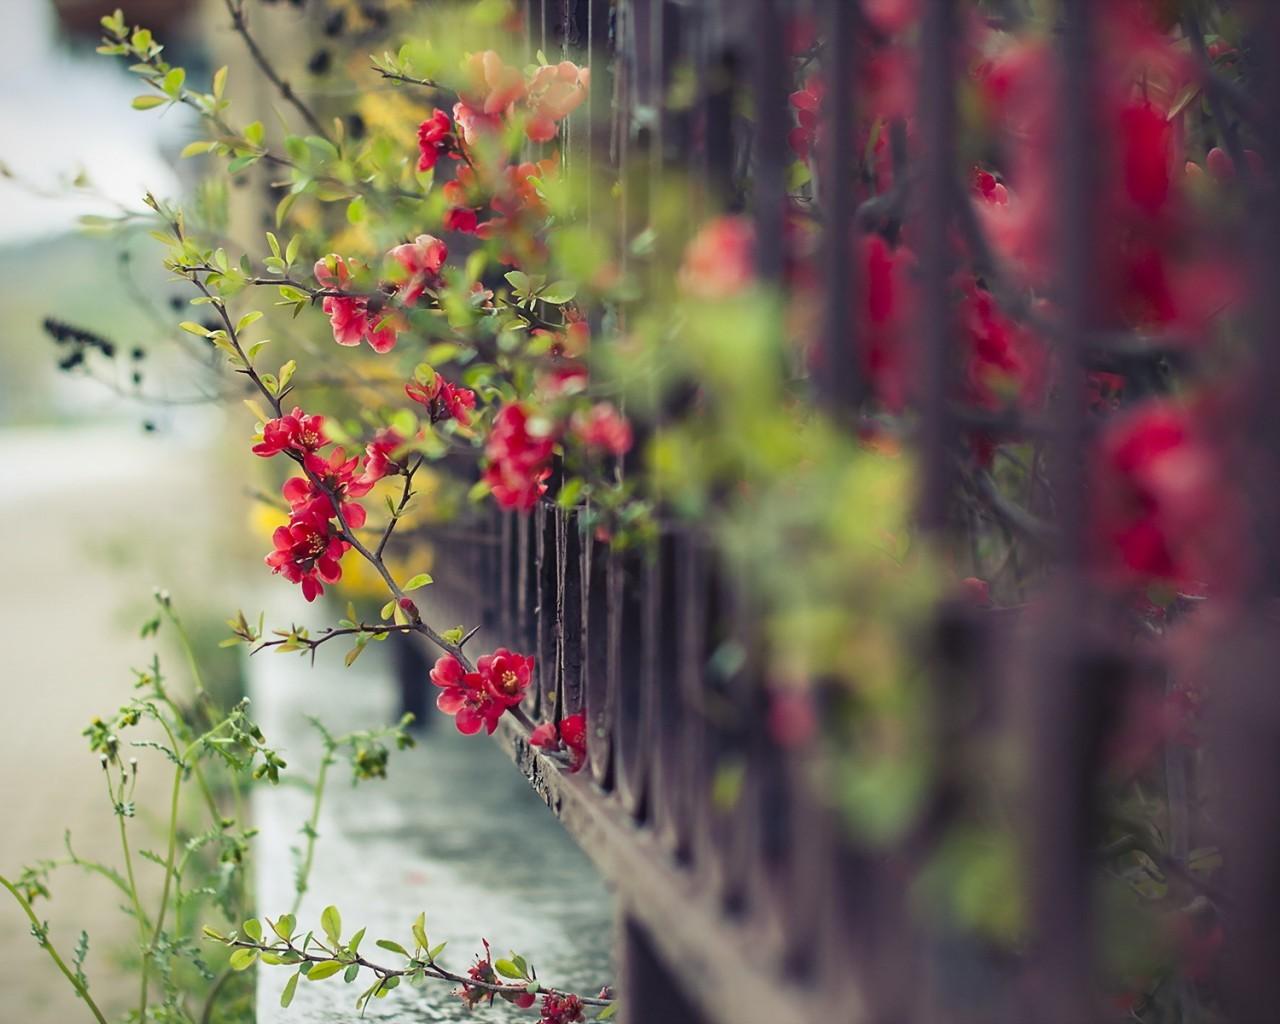 20659 скачать обои Растения, Цветы - заставки и картинки бесплатно